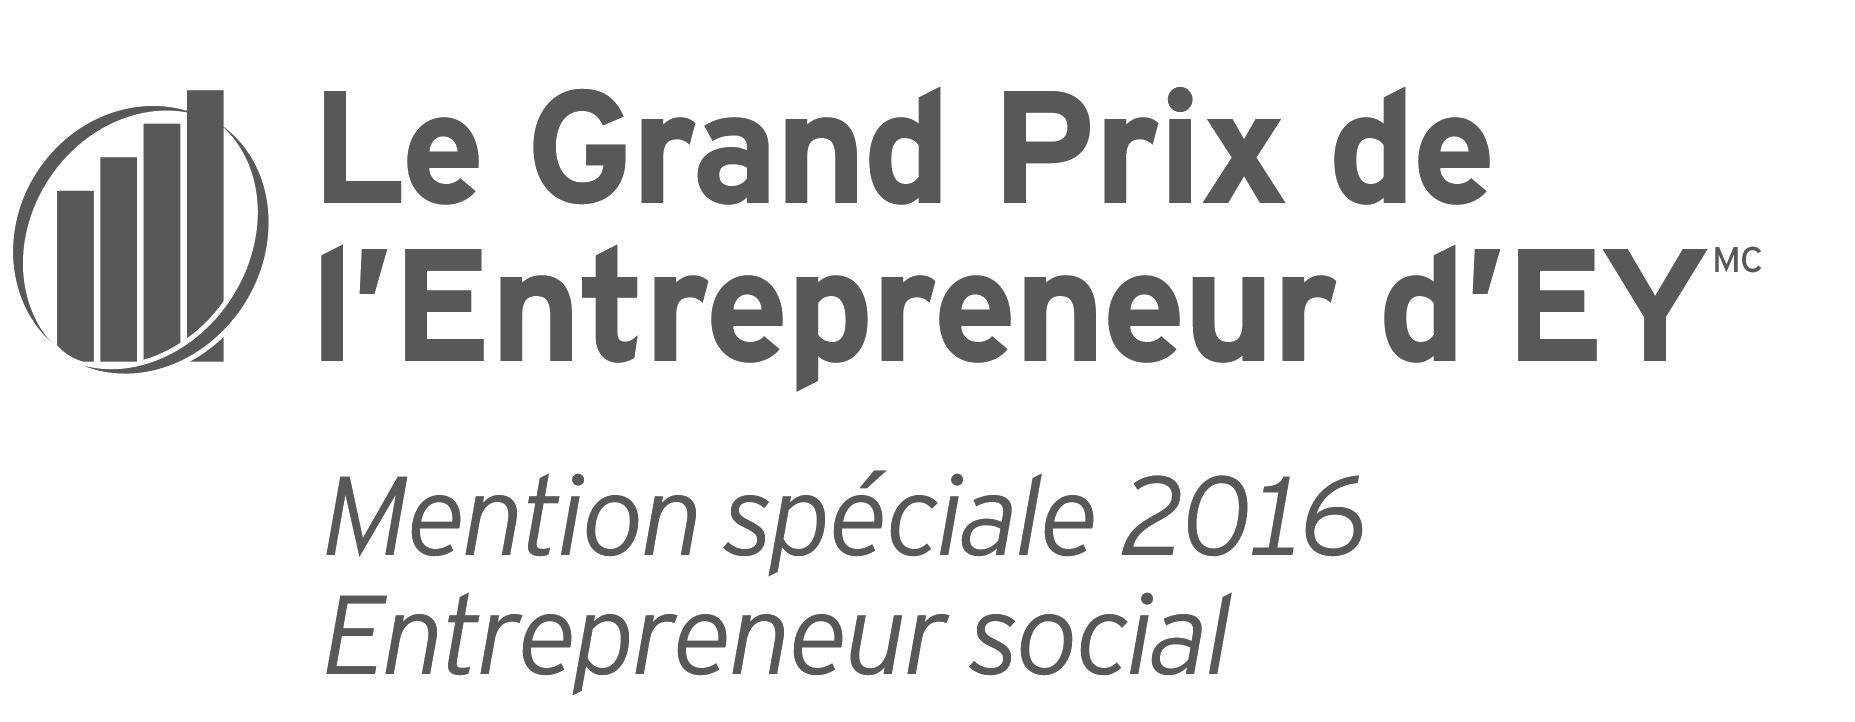 Le Grand Prix de l'Entrepreneur d'EY, Mention spéciale 2016 Entrepreneur social